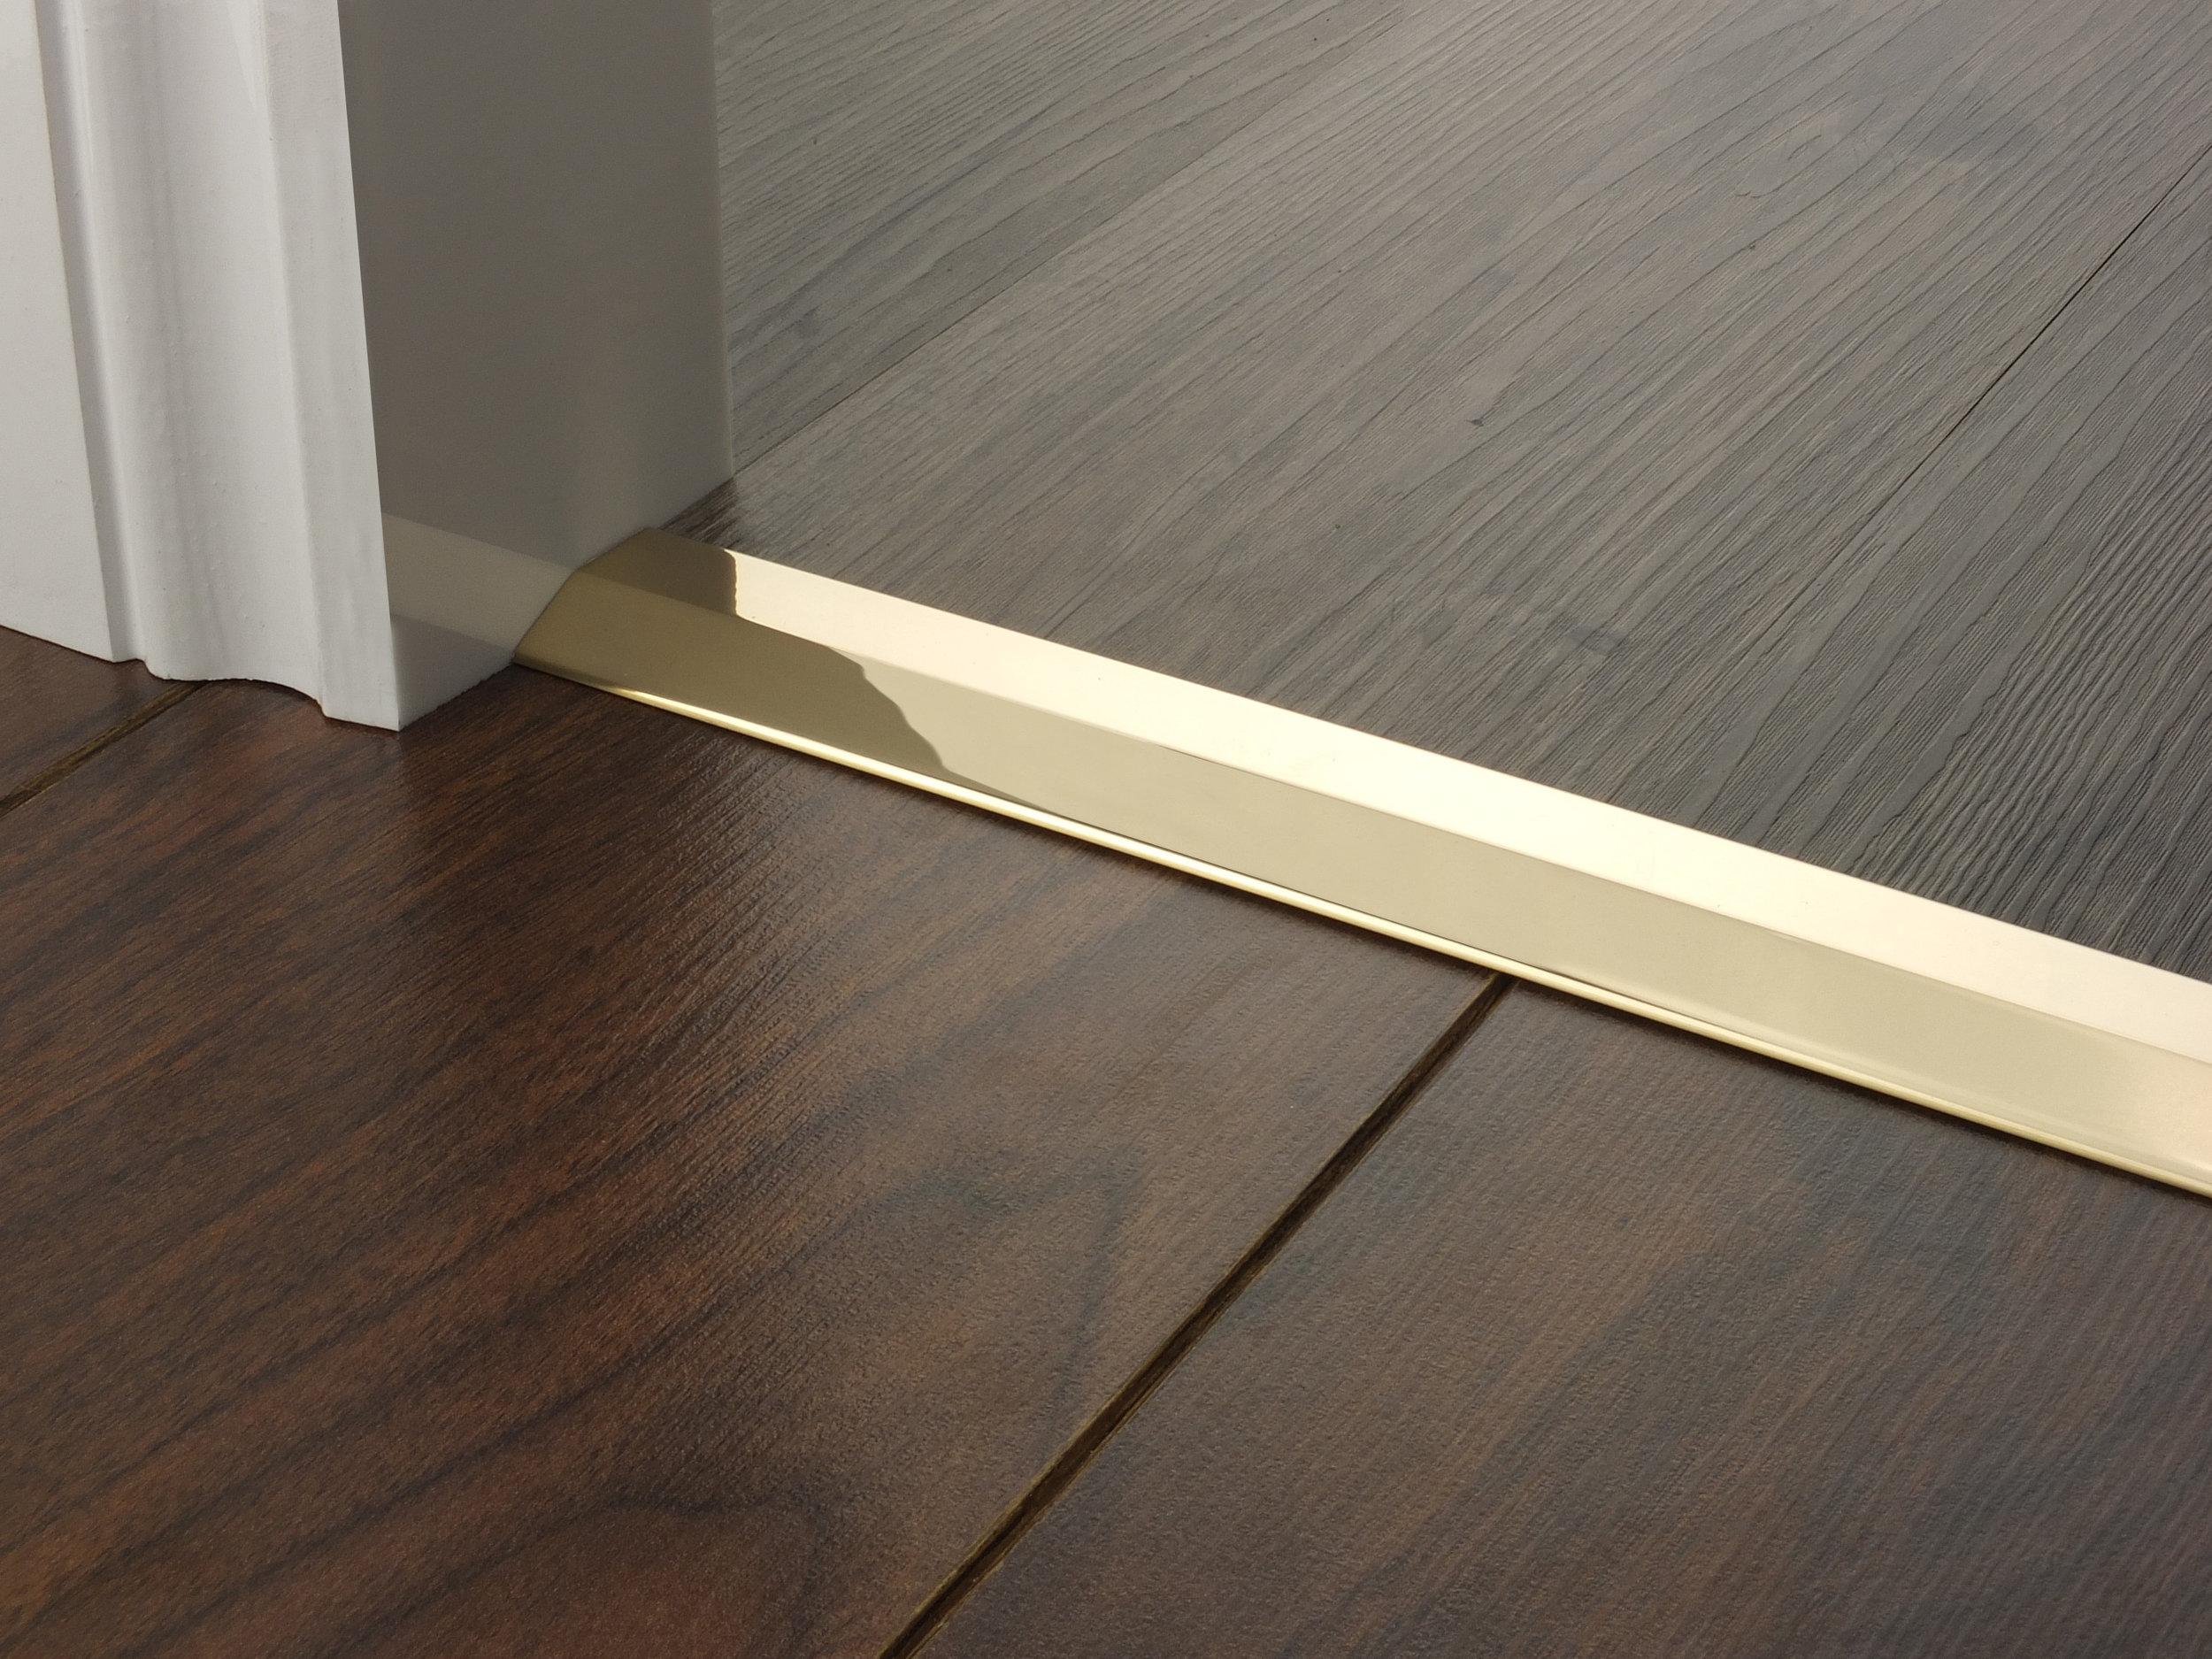 door_bar_brass_two_way_ramp_6-7mm.jpg